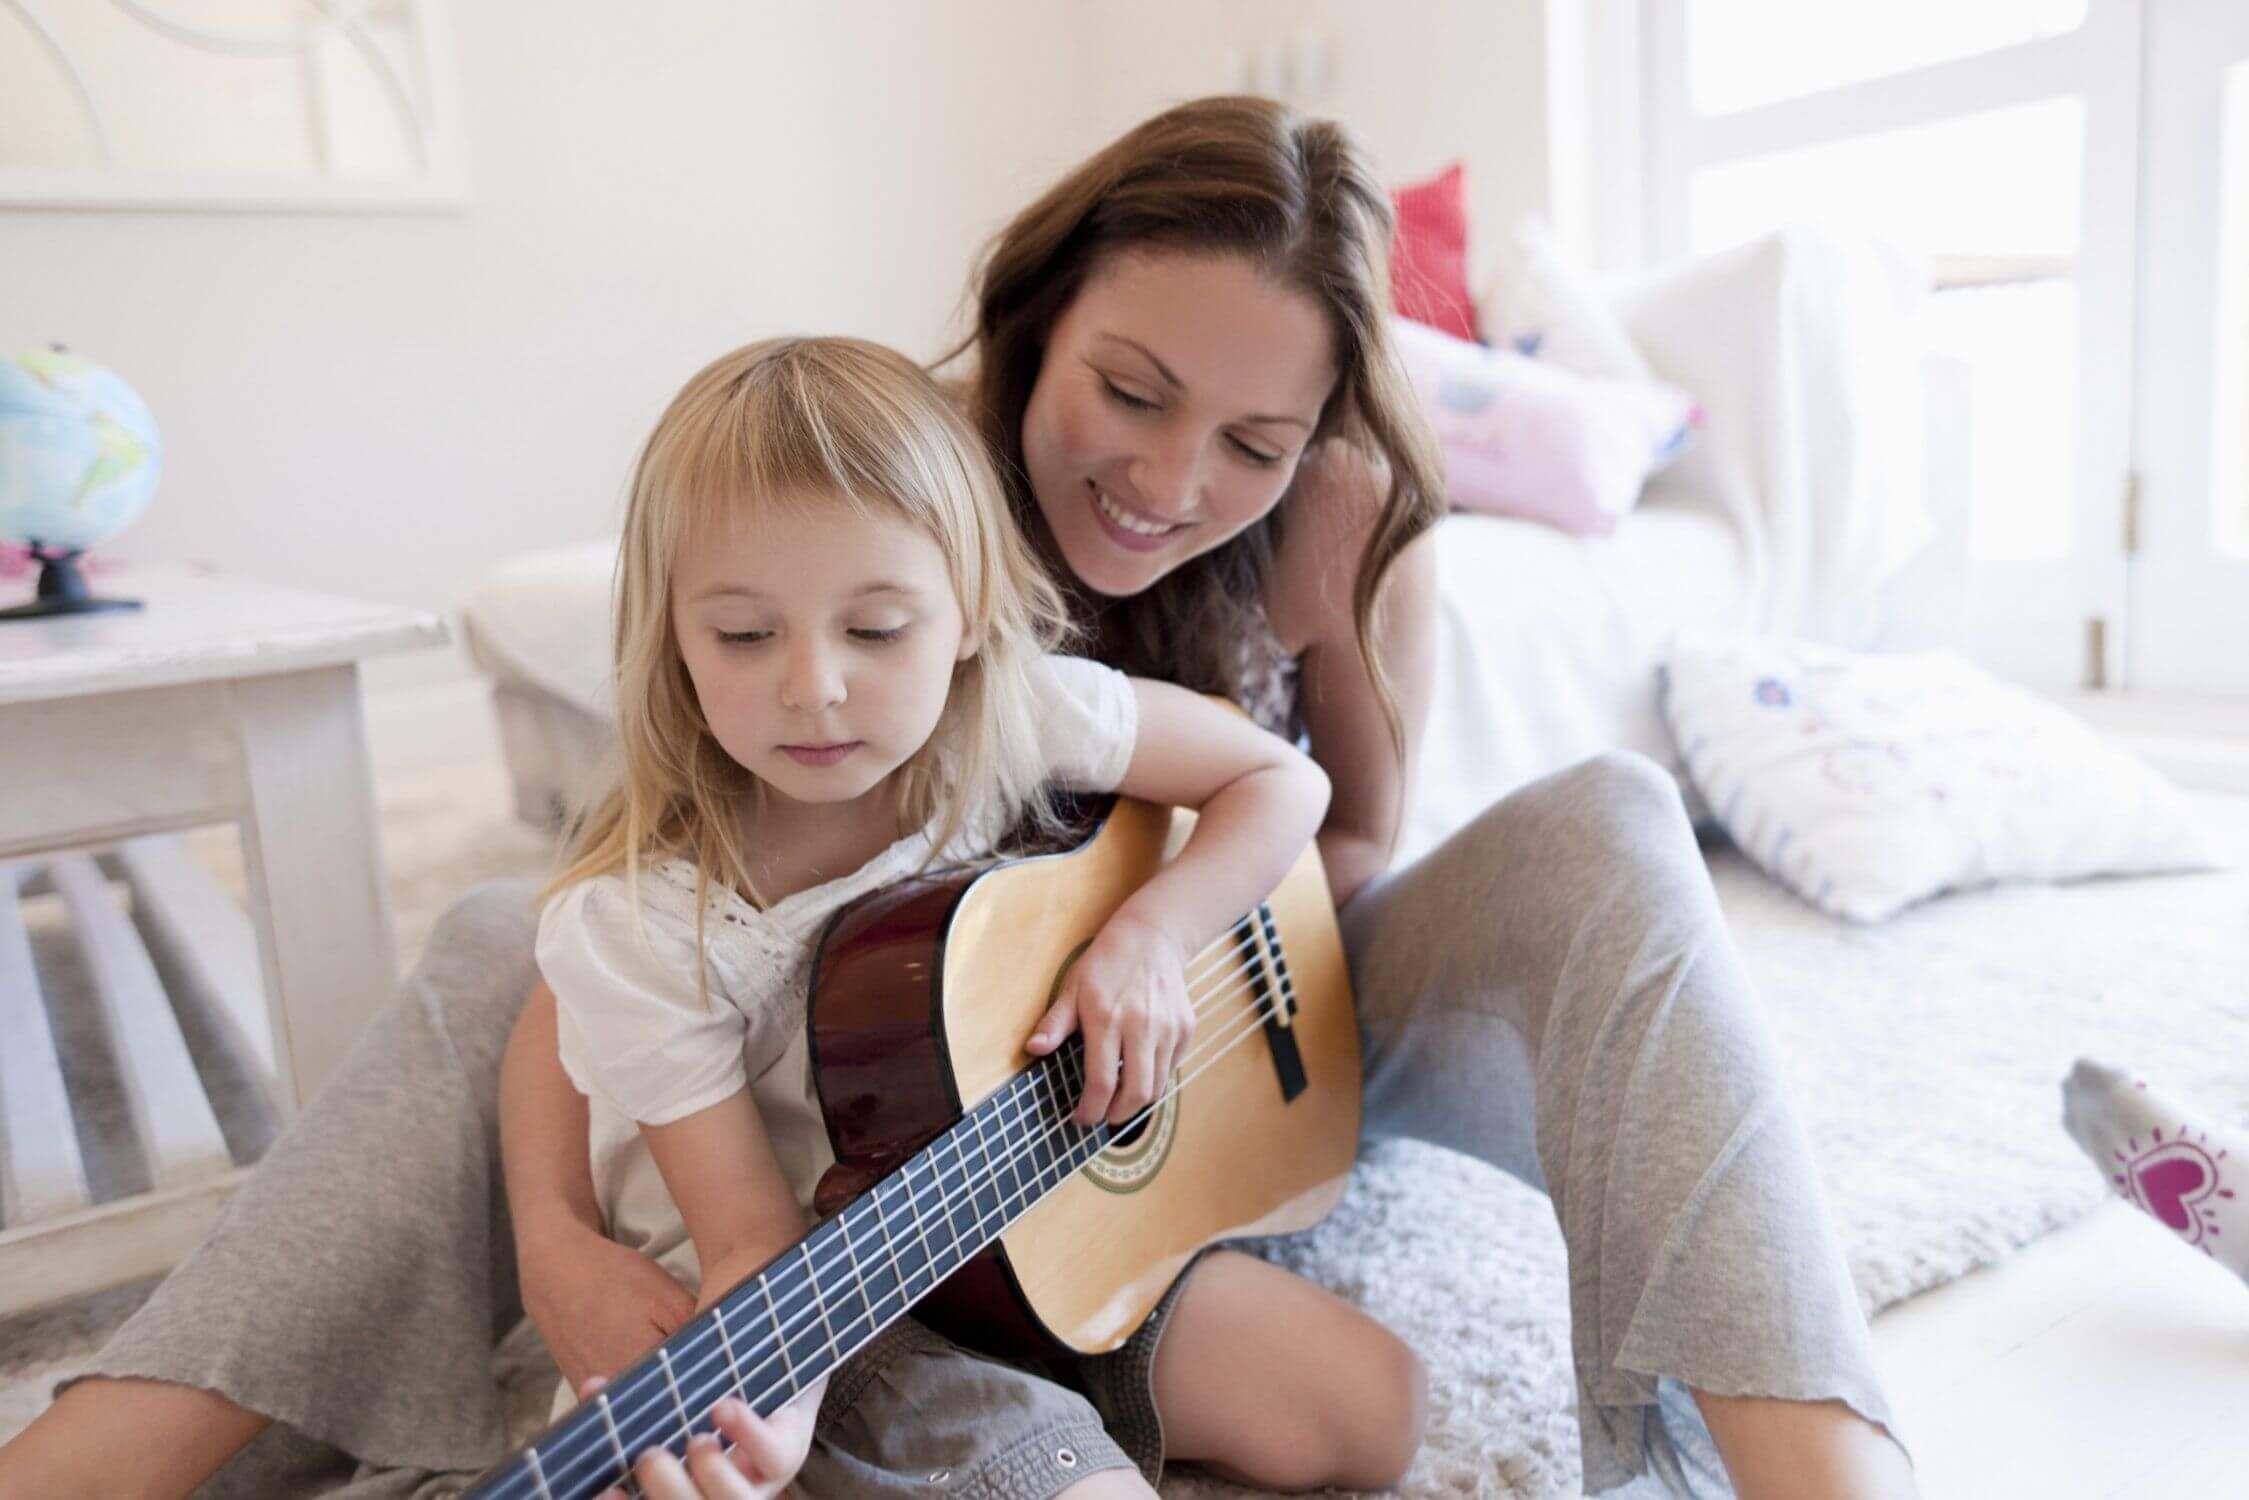 La musique comme forme d'apprentissage